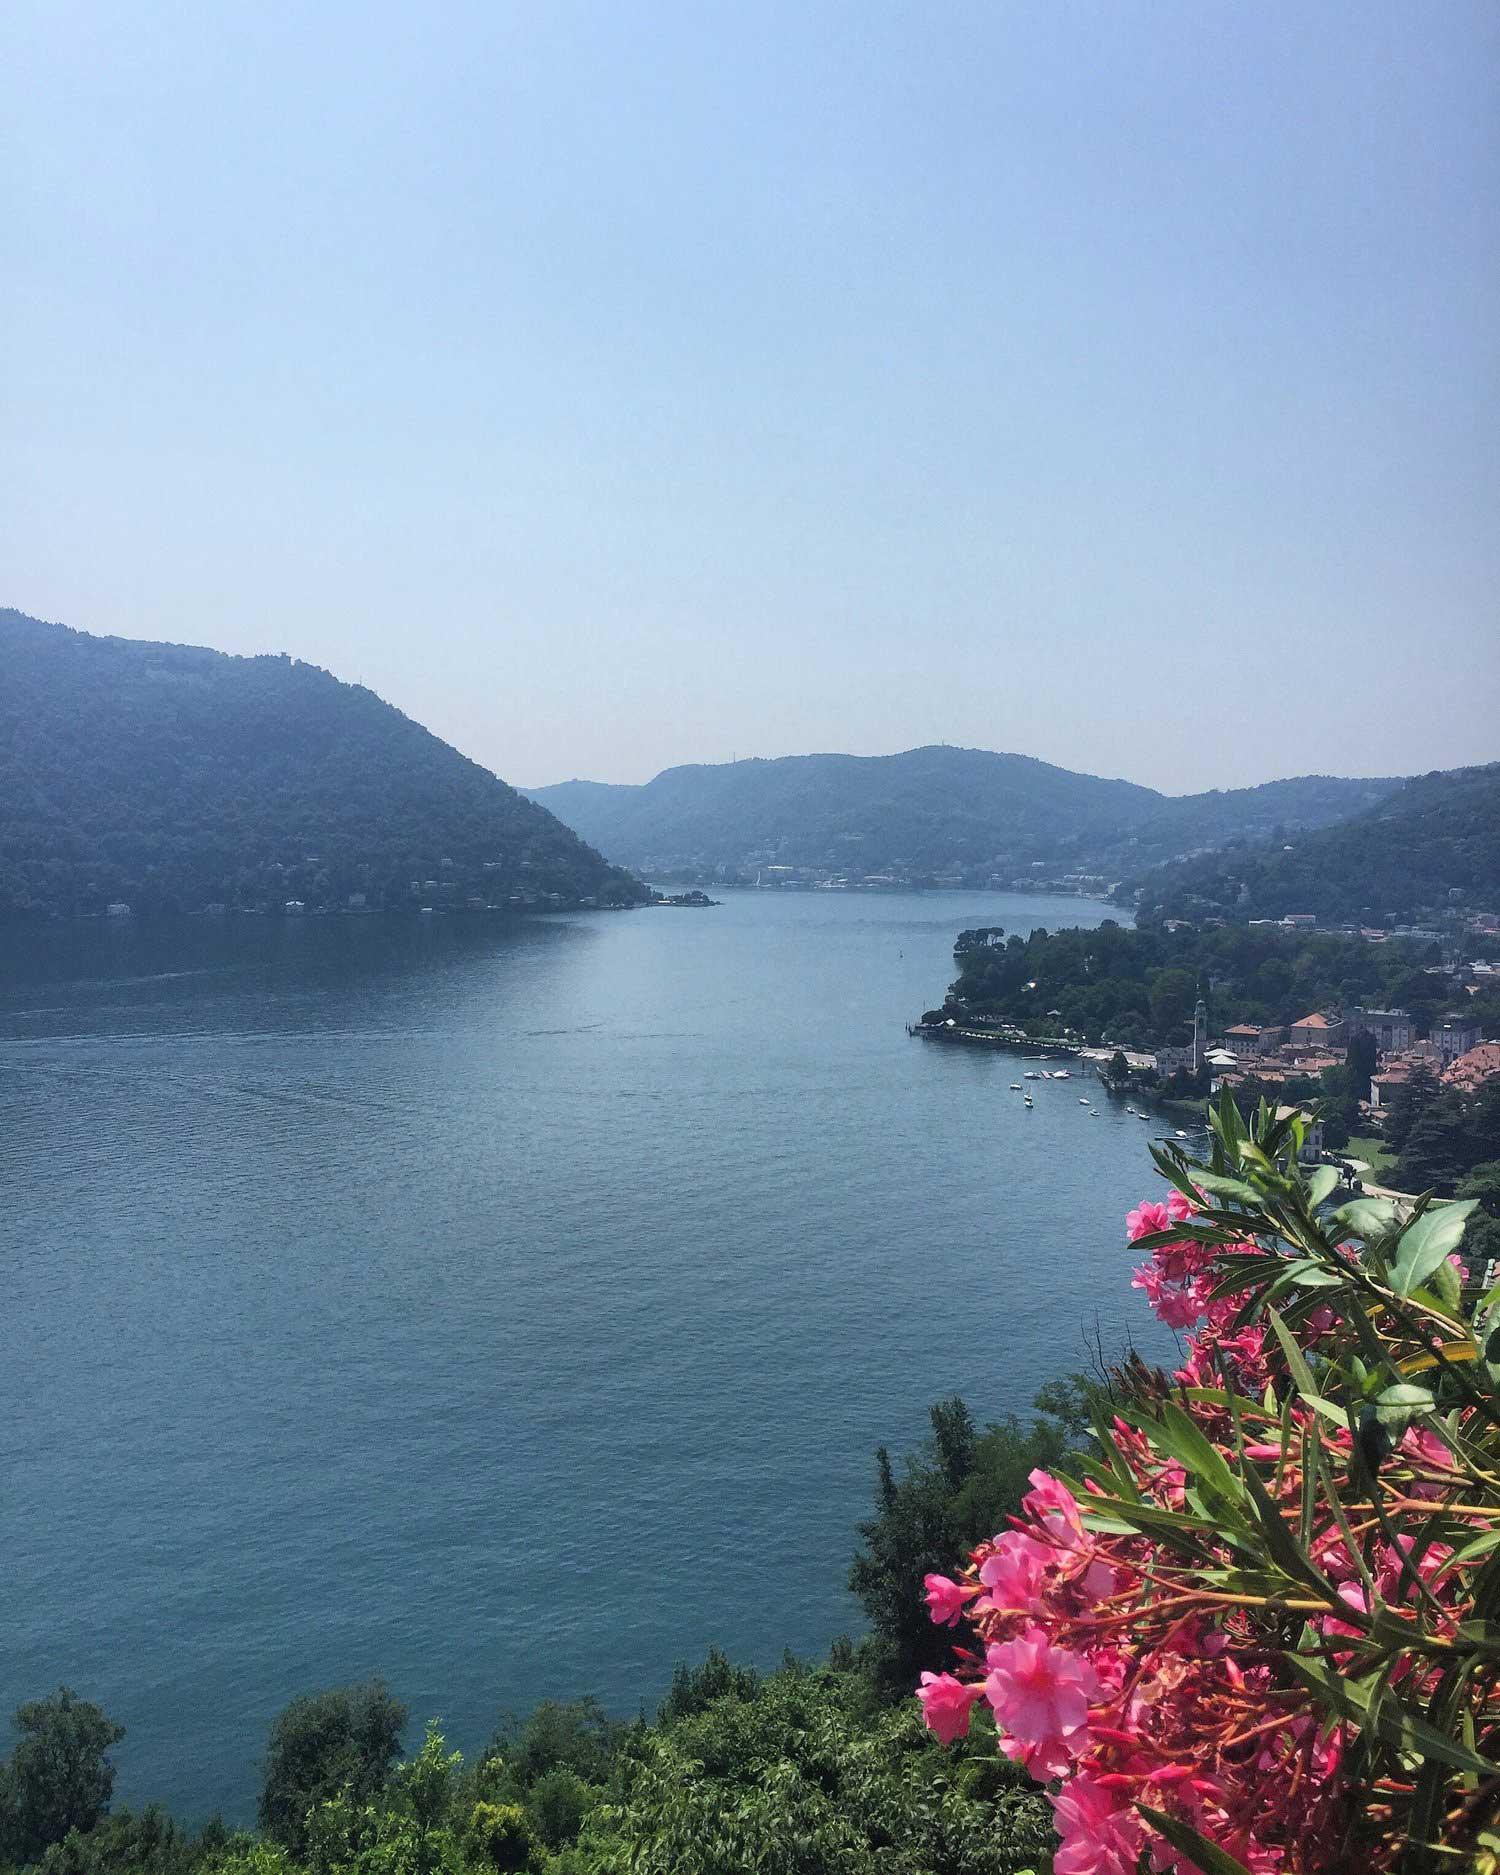 lake_como_cernobbio_guide_itsbeautifulhere10.jpg